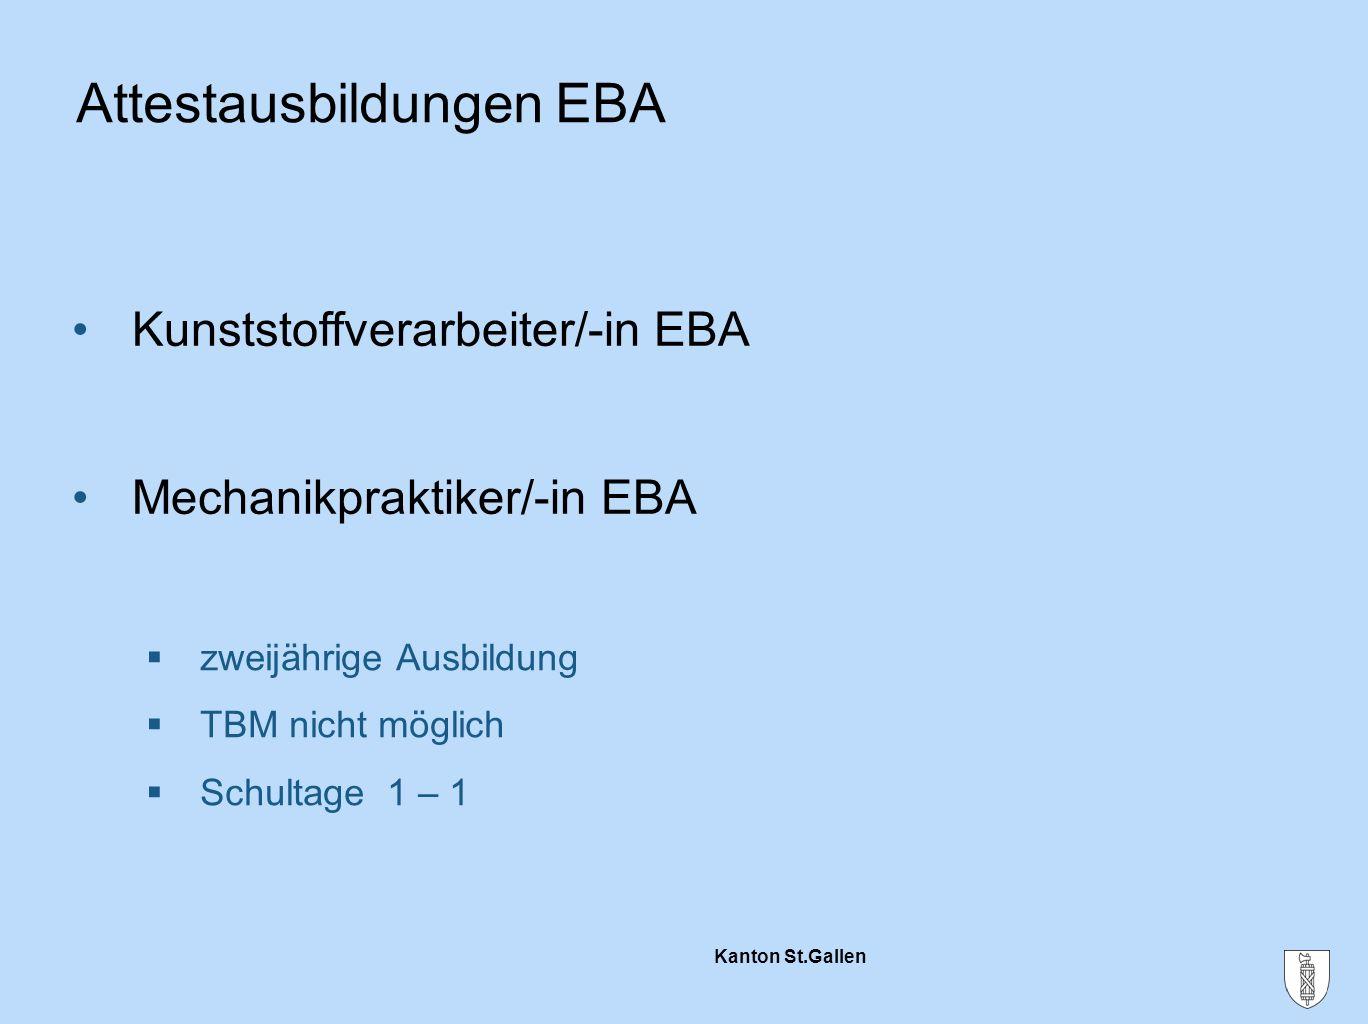 Attestausbildungen EBA